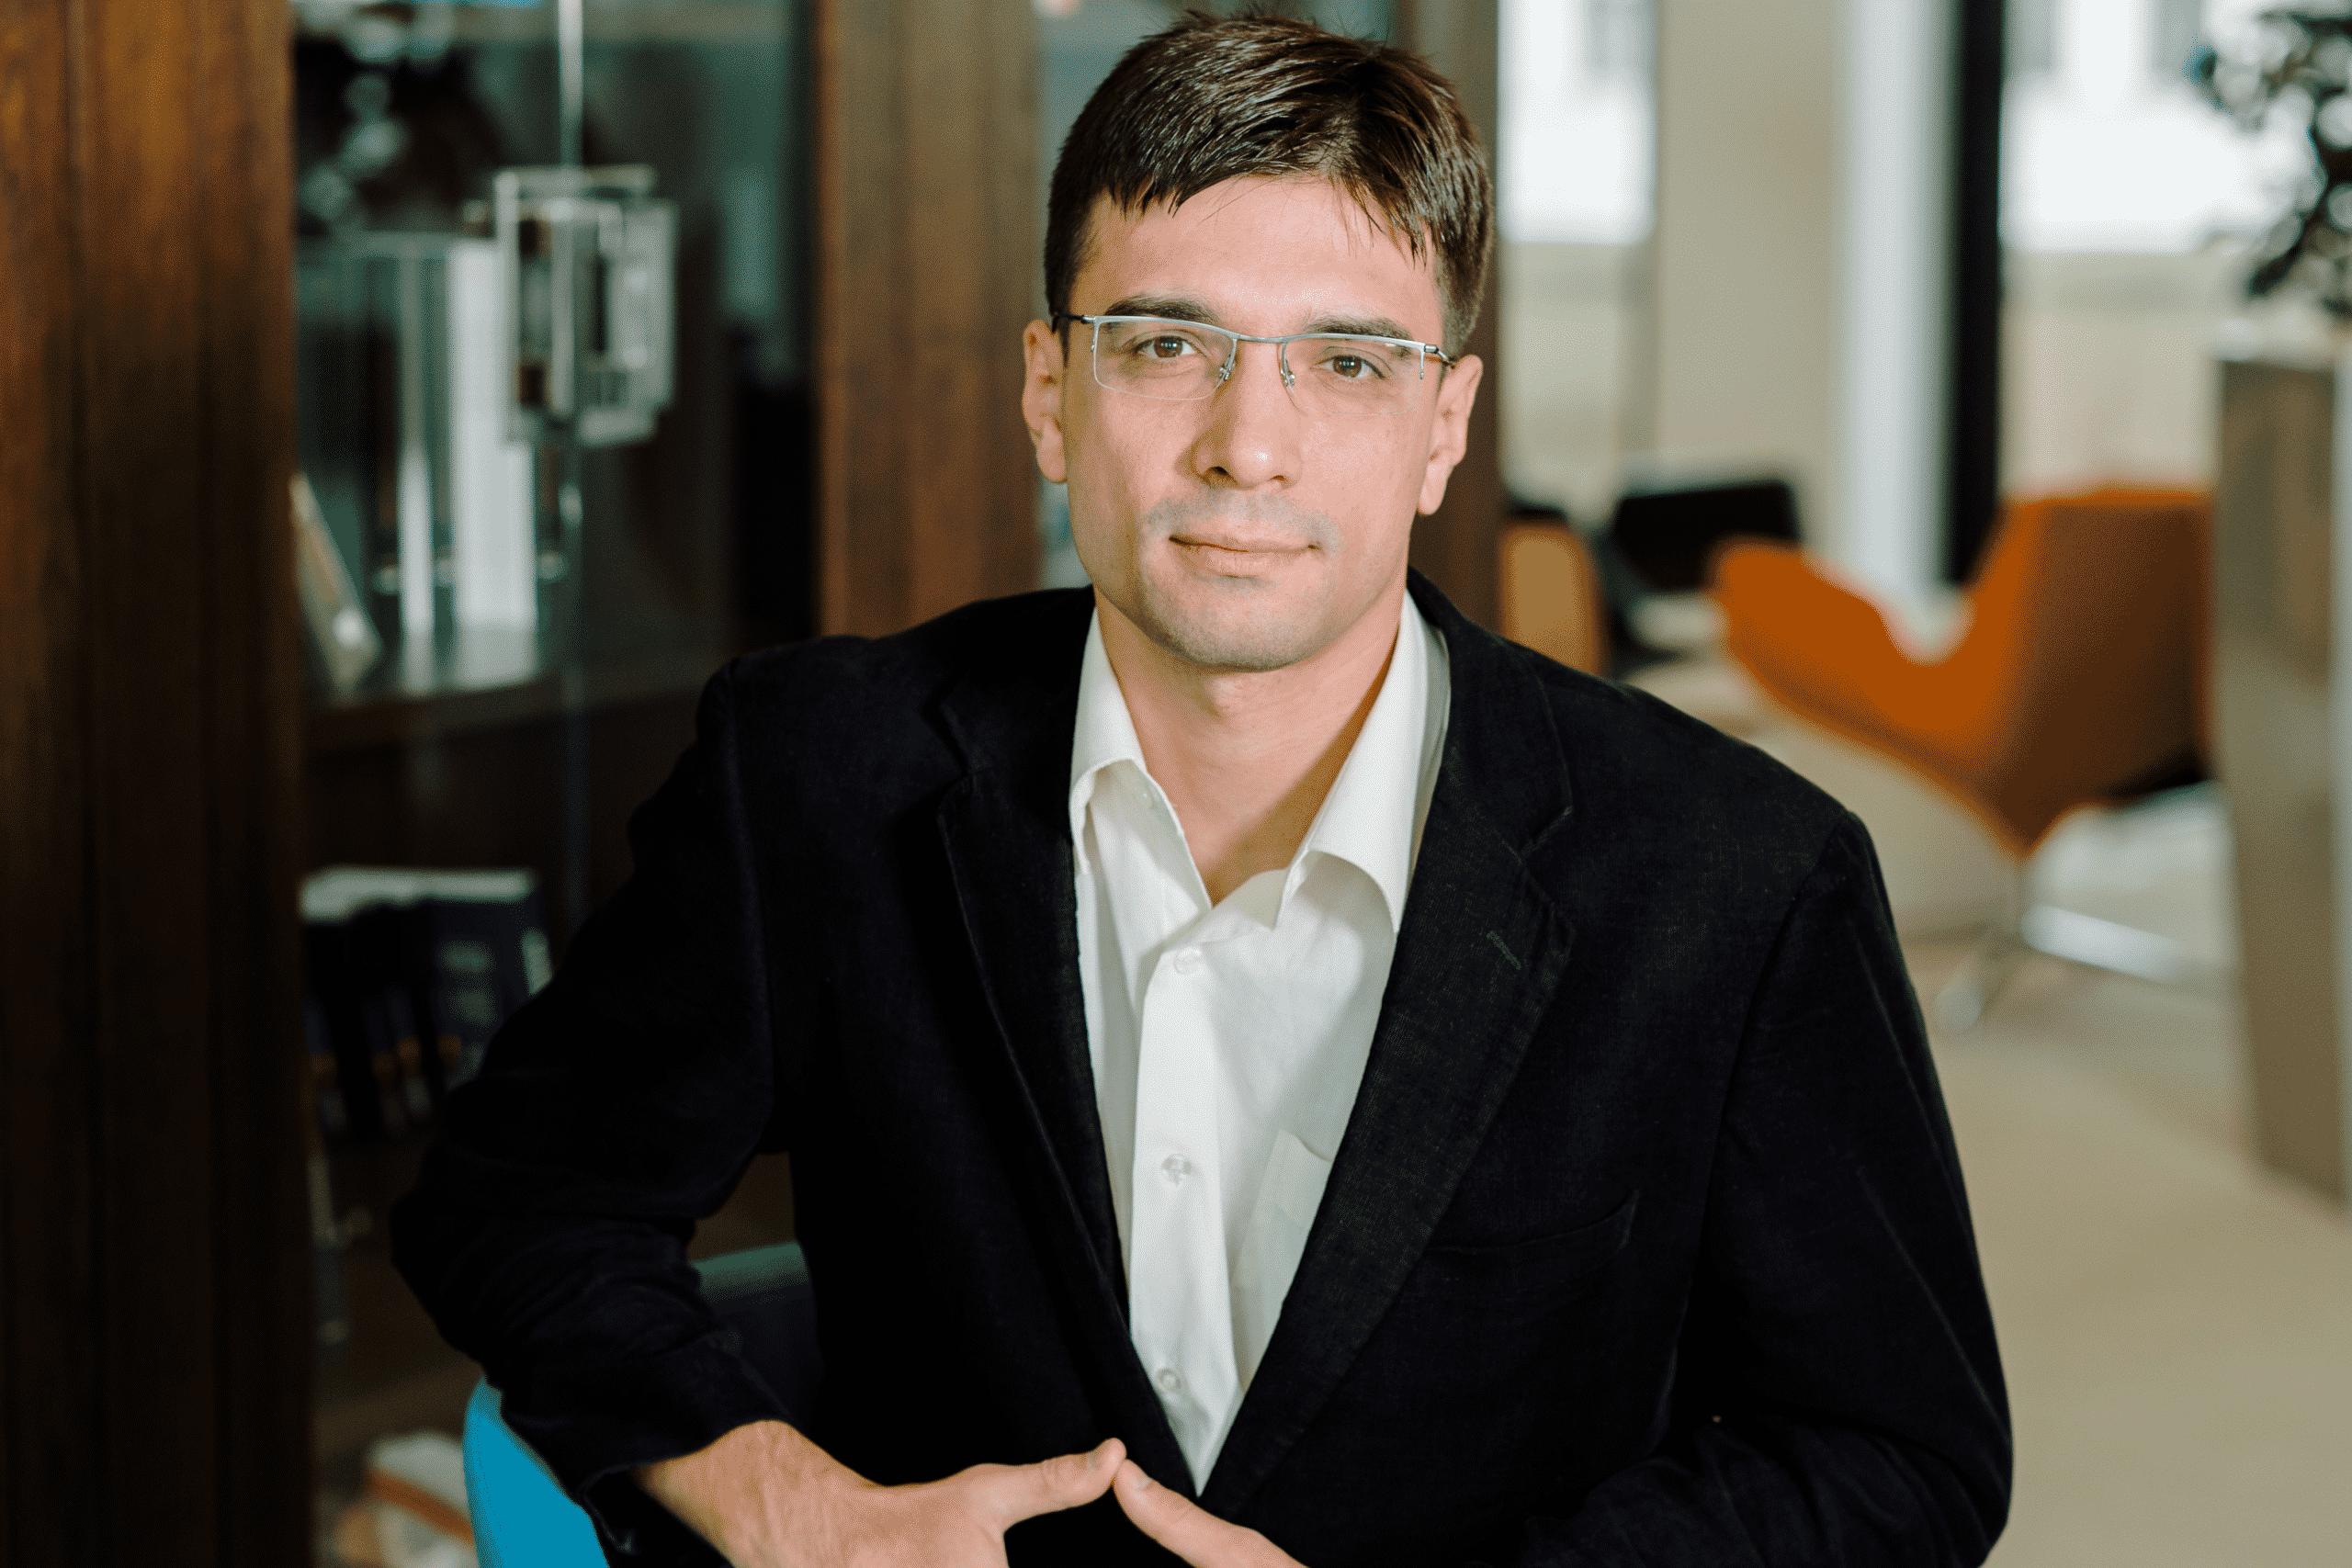 Jak zwizualizować moralność w polityce – Paweł Zyzak